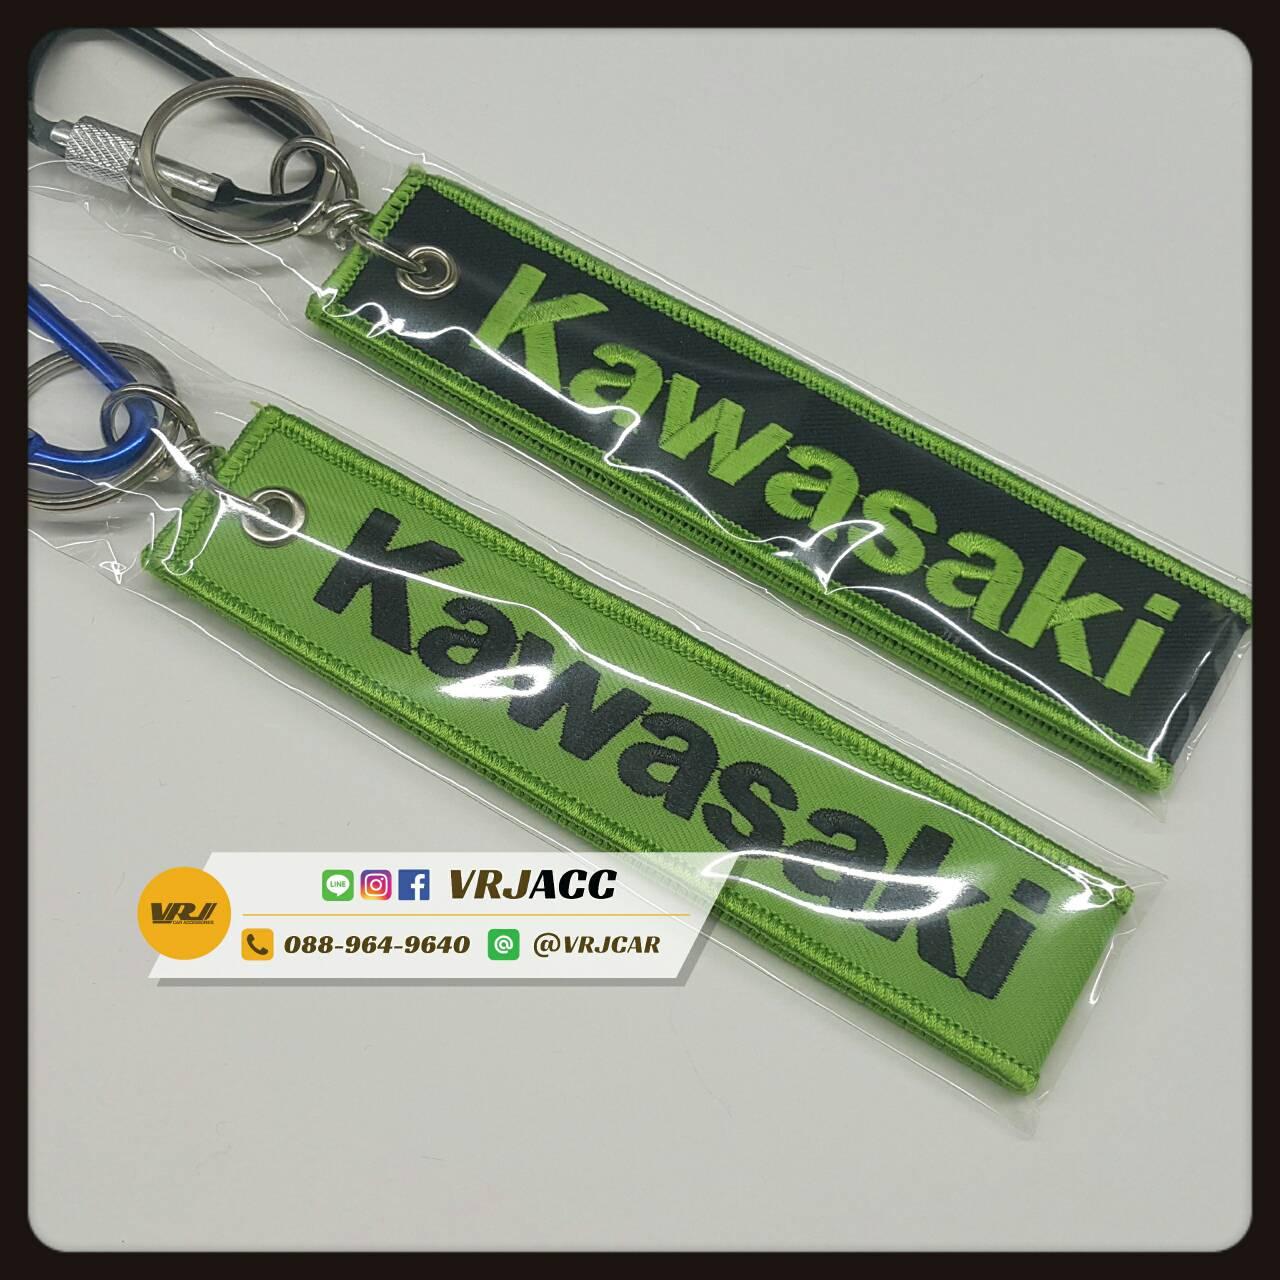 พวงกุญแจผ้า พร้อมตะขอเกี่ยว kawasaki : Keychain